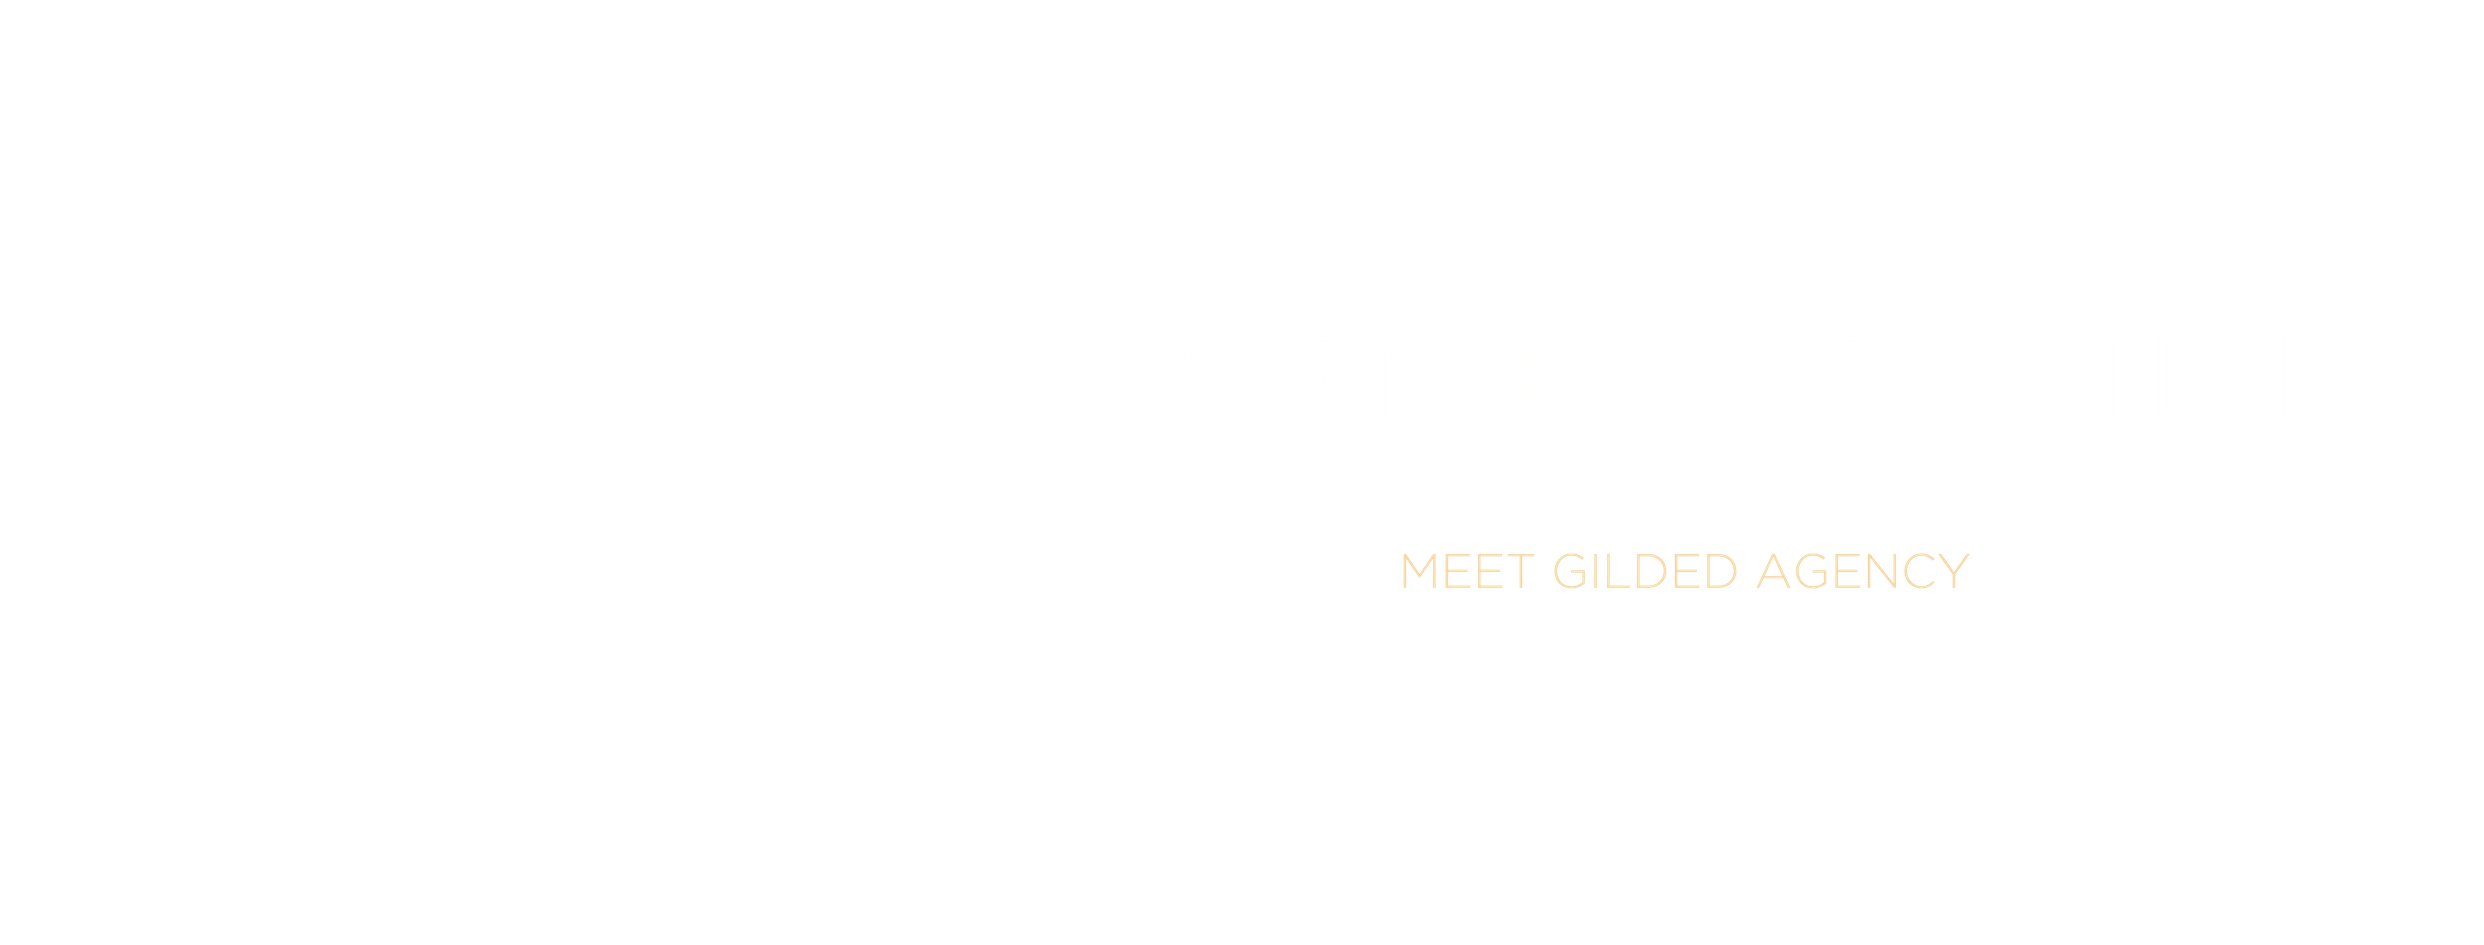 design-innovation-5